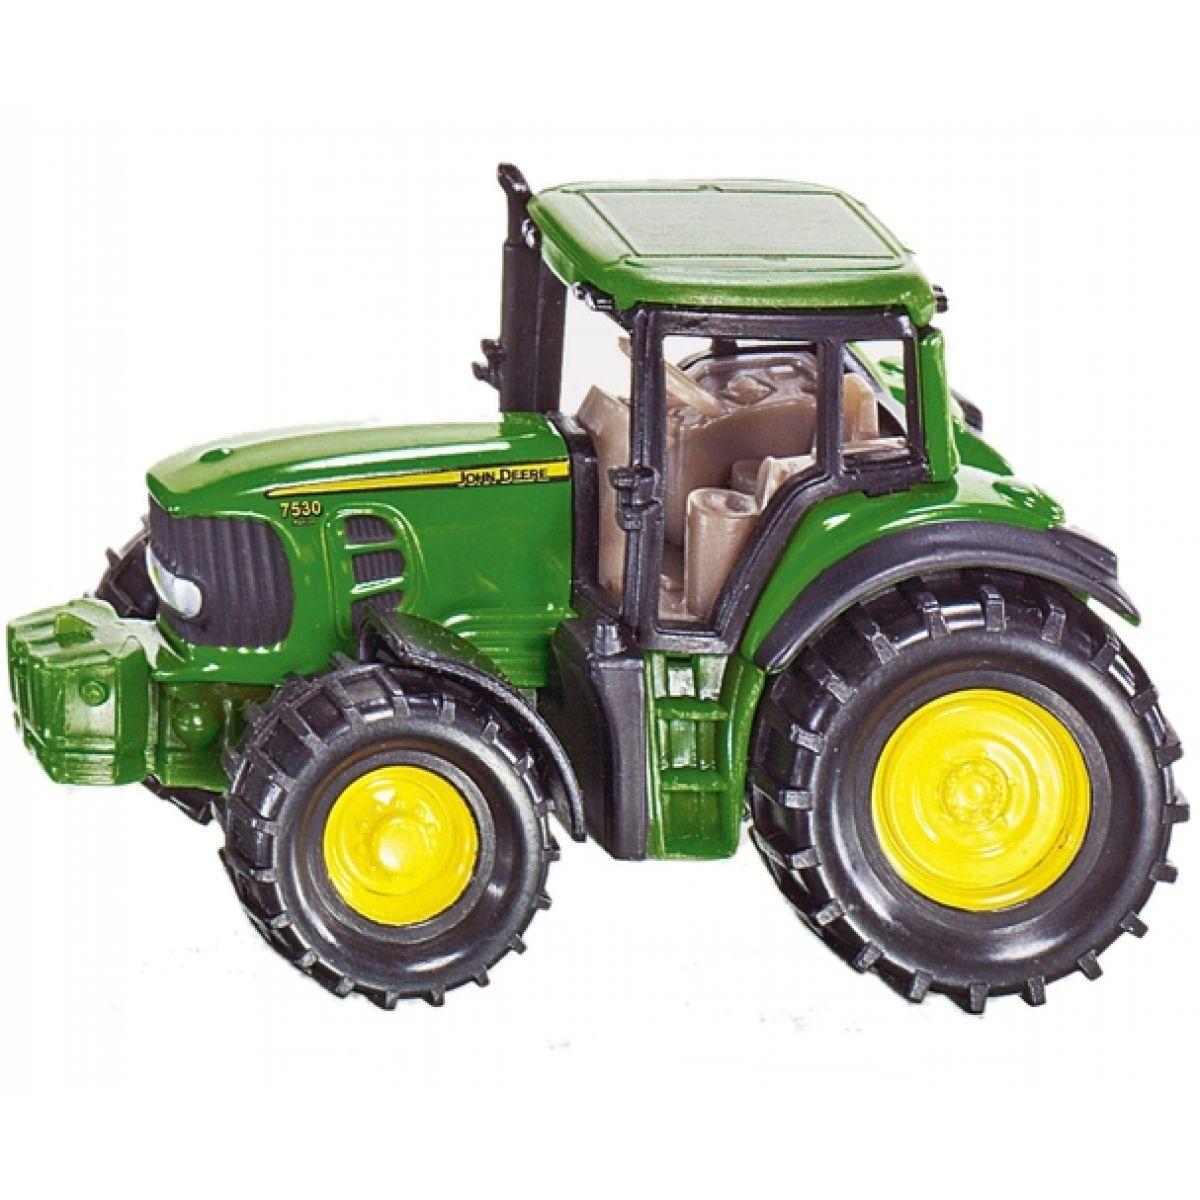 Siku John Deere Traktor 7530 1:87